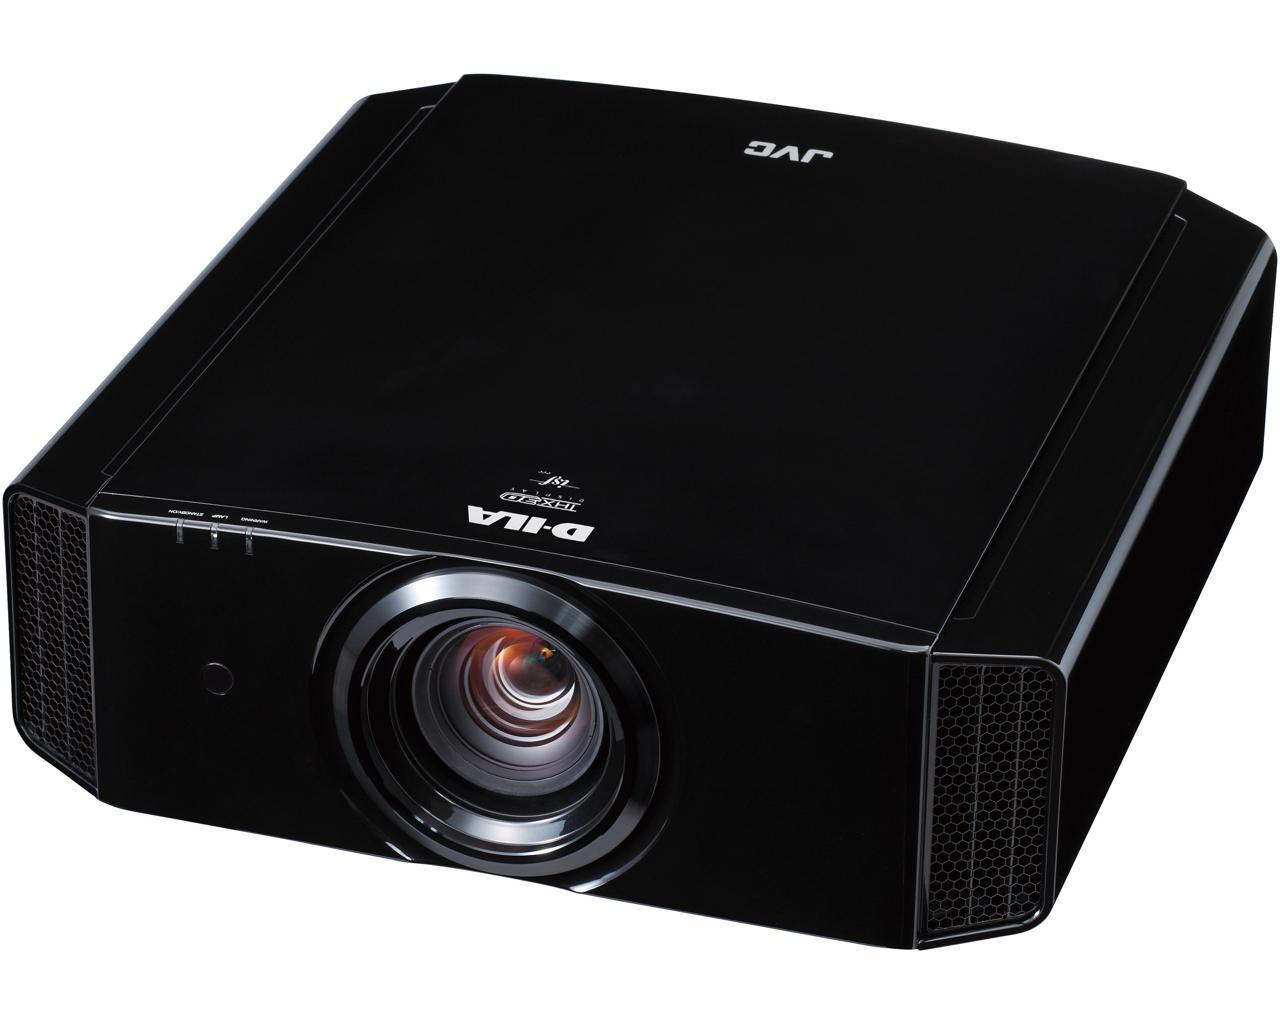 DLA-X9900BE